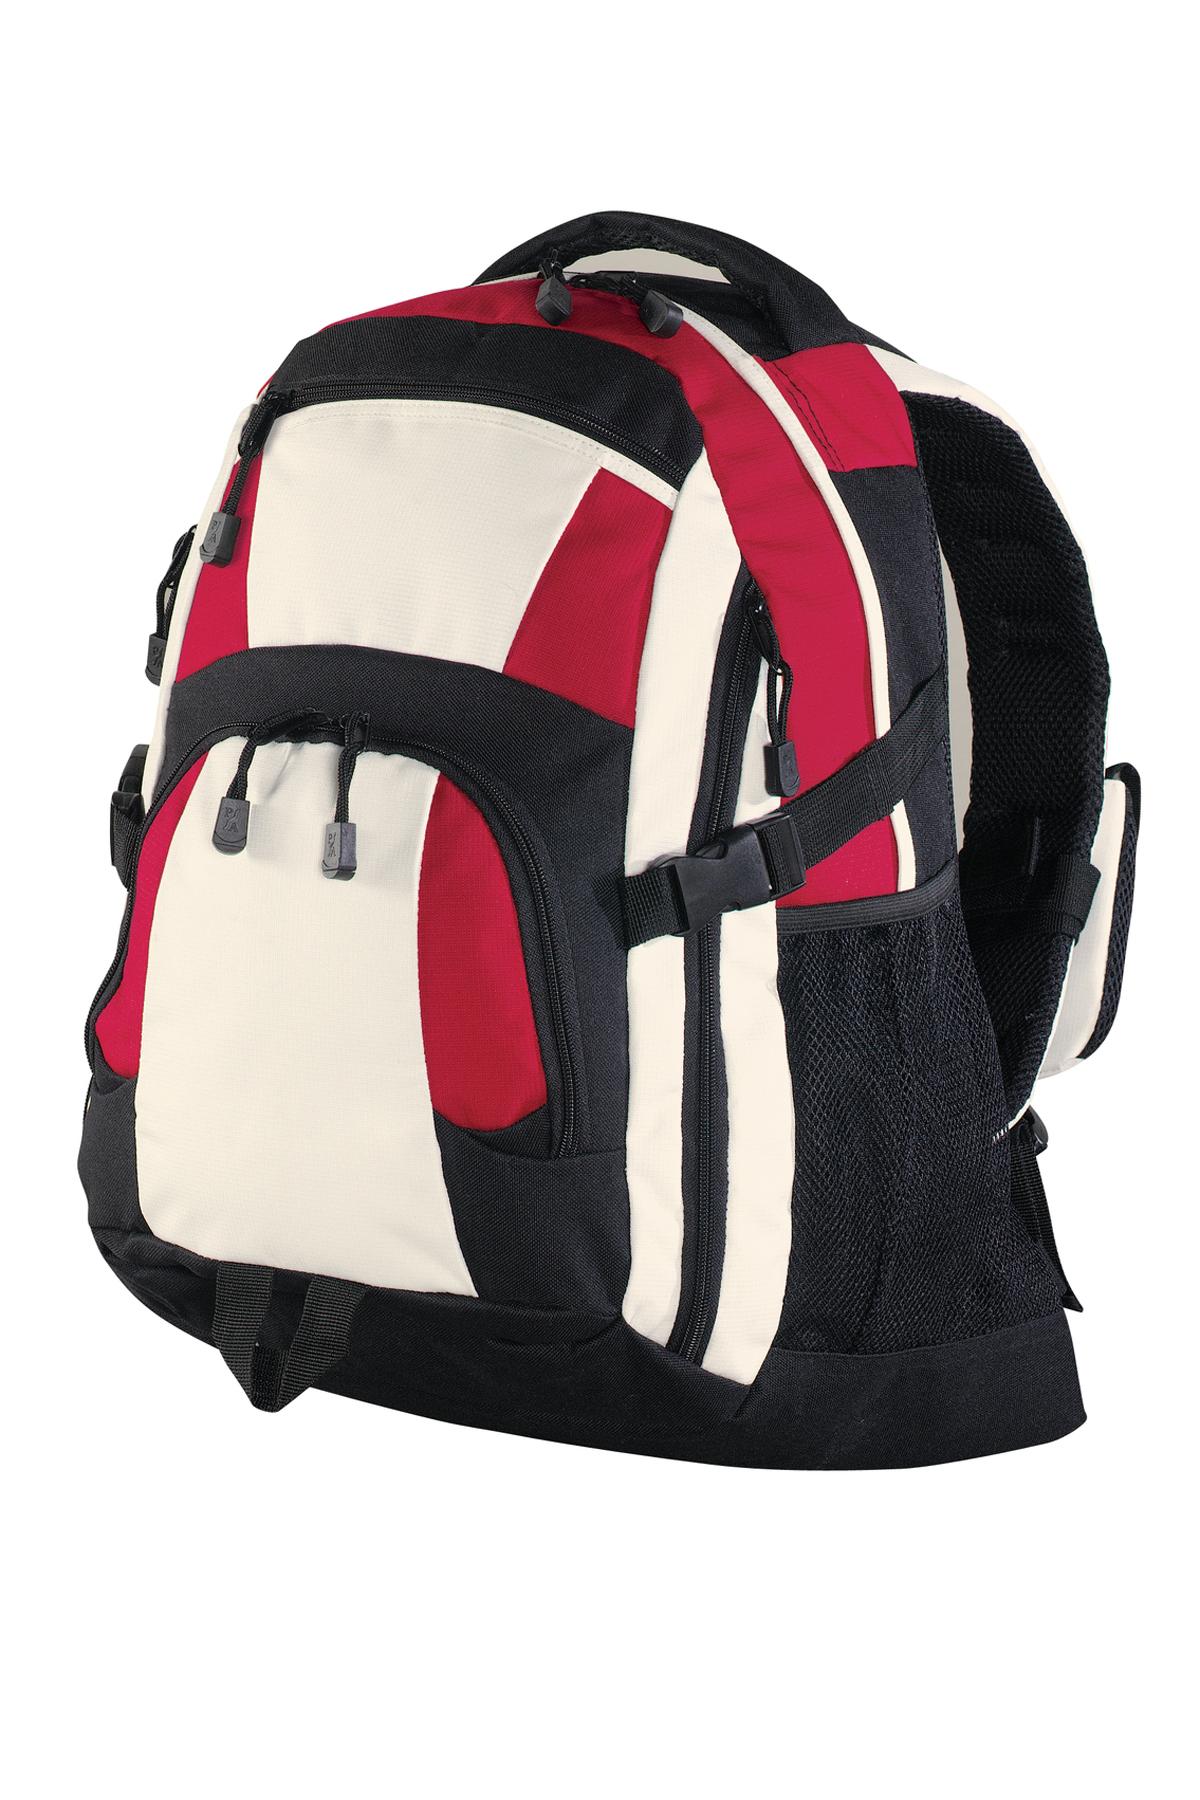 Bags-Backpacks-20